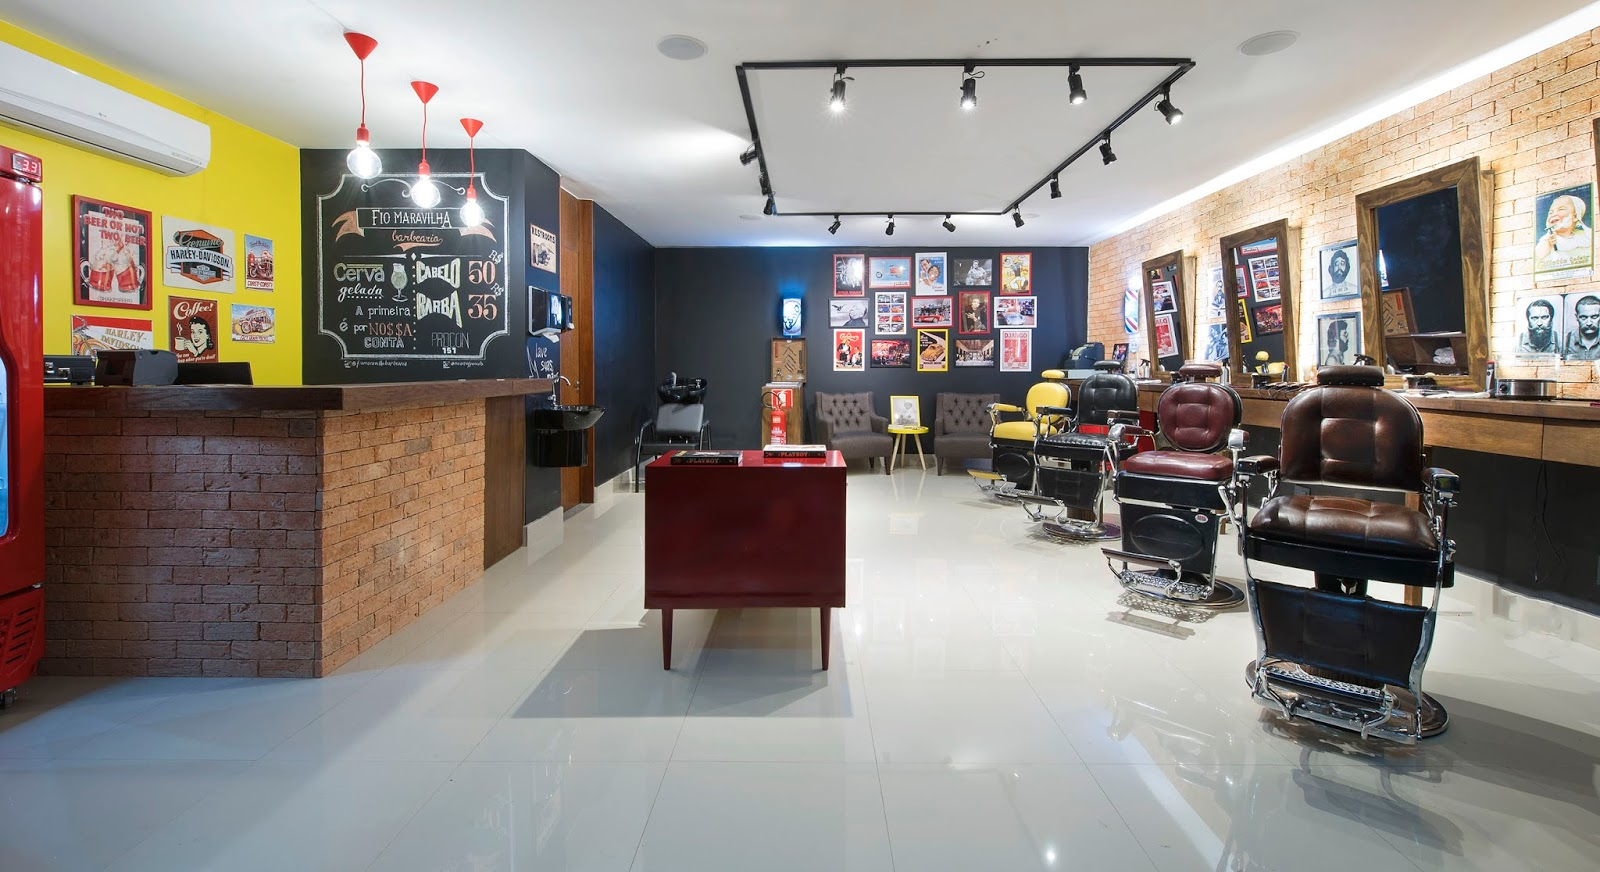 O casal Julia Roseo e Tiago Favilla inaugurou, na Asa Norte, a barbearia Fio Maravilha. Com um conceito retrô e diferente, o espaço traz a cultura dos antigos barber shops, apostando numa decoração clássica regada a jazz na vitrola e cervejas especiais.